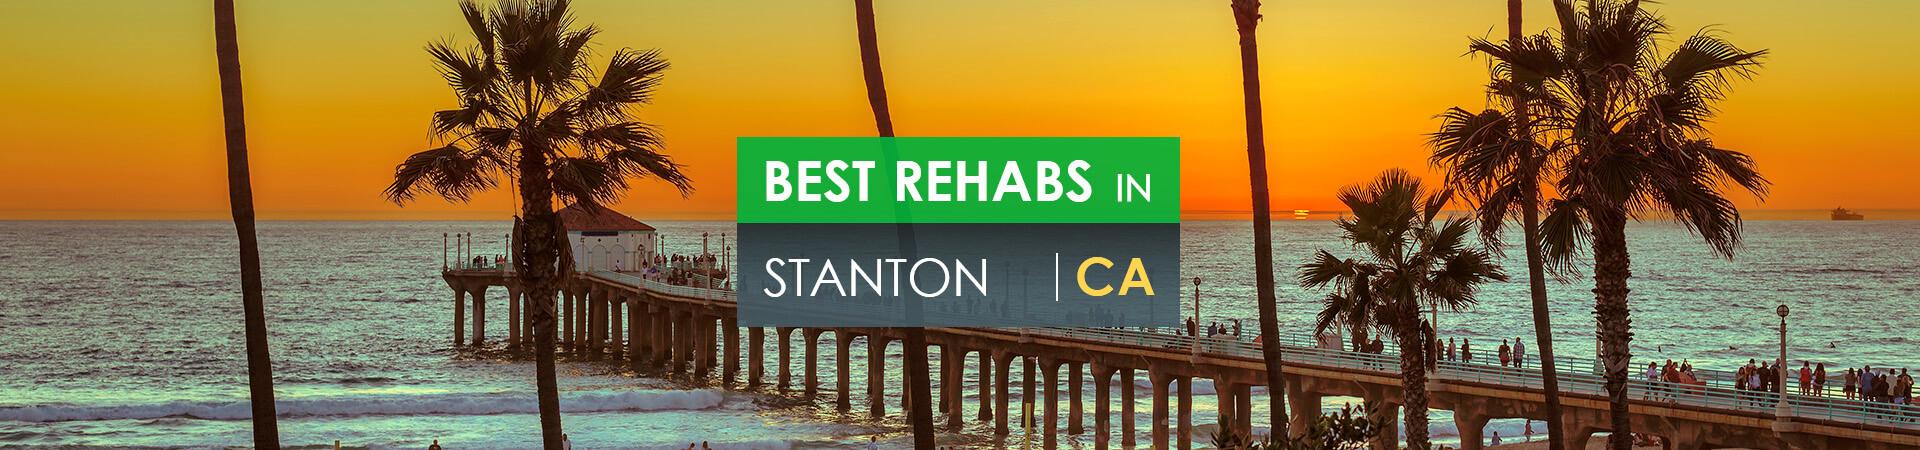 Best rehabs in Stanton, CA